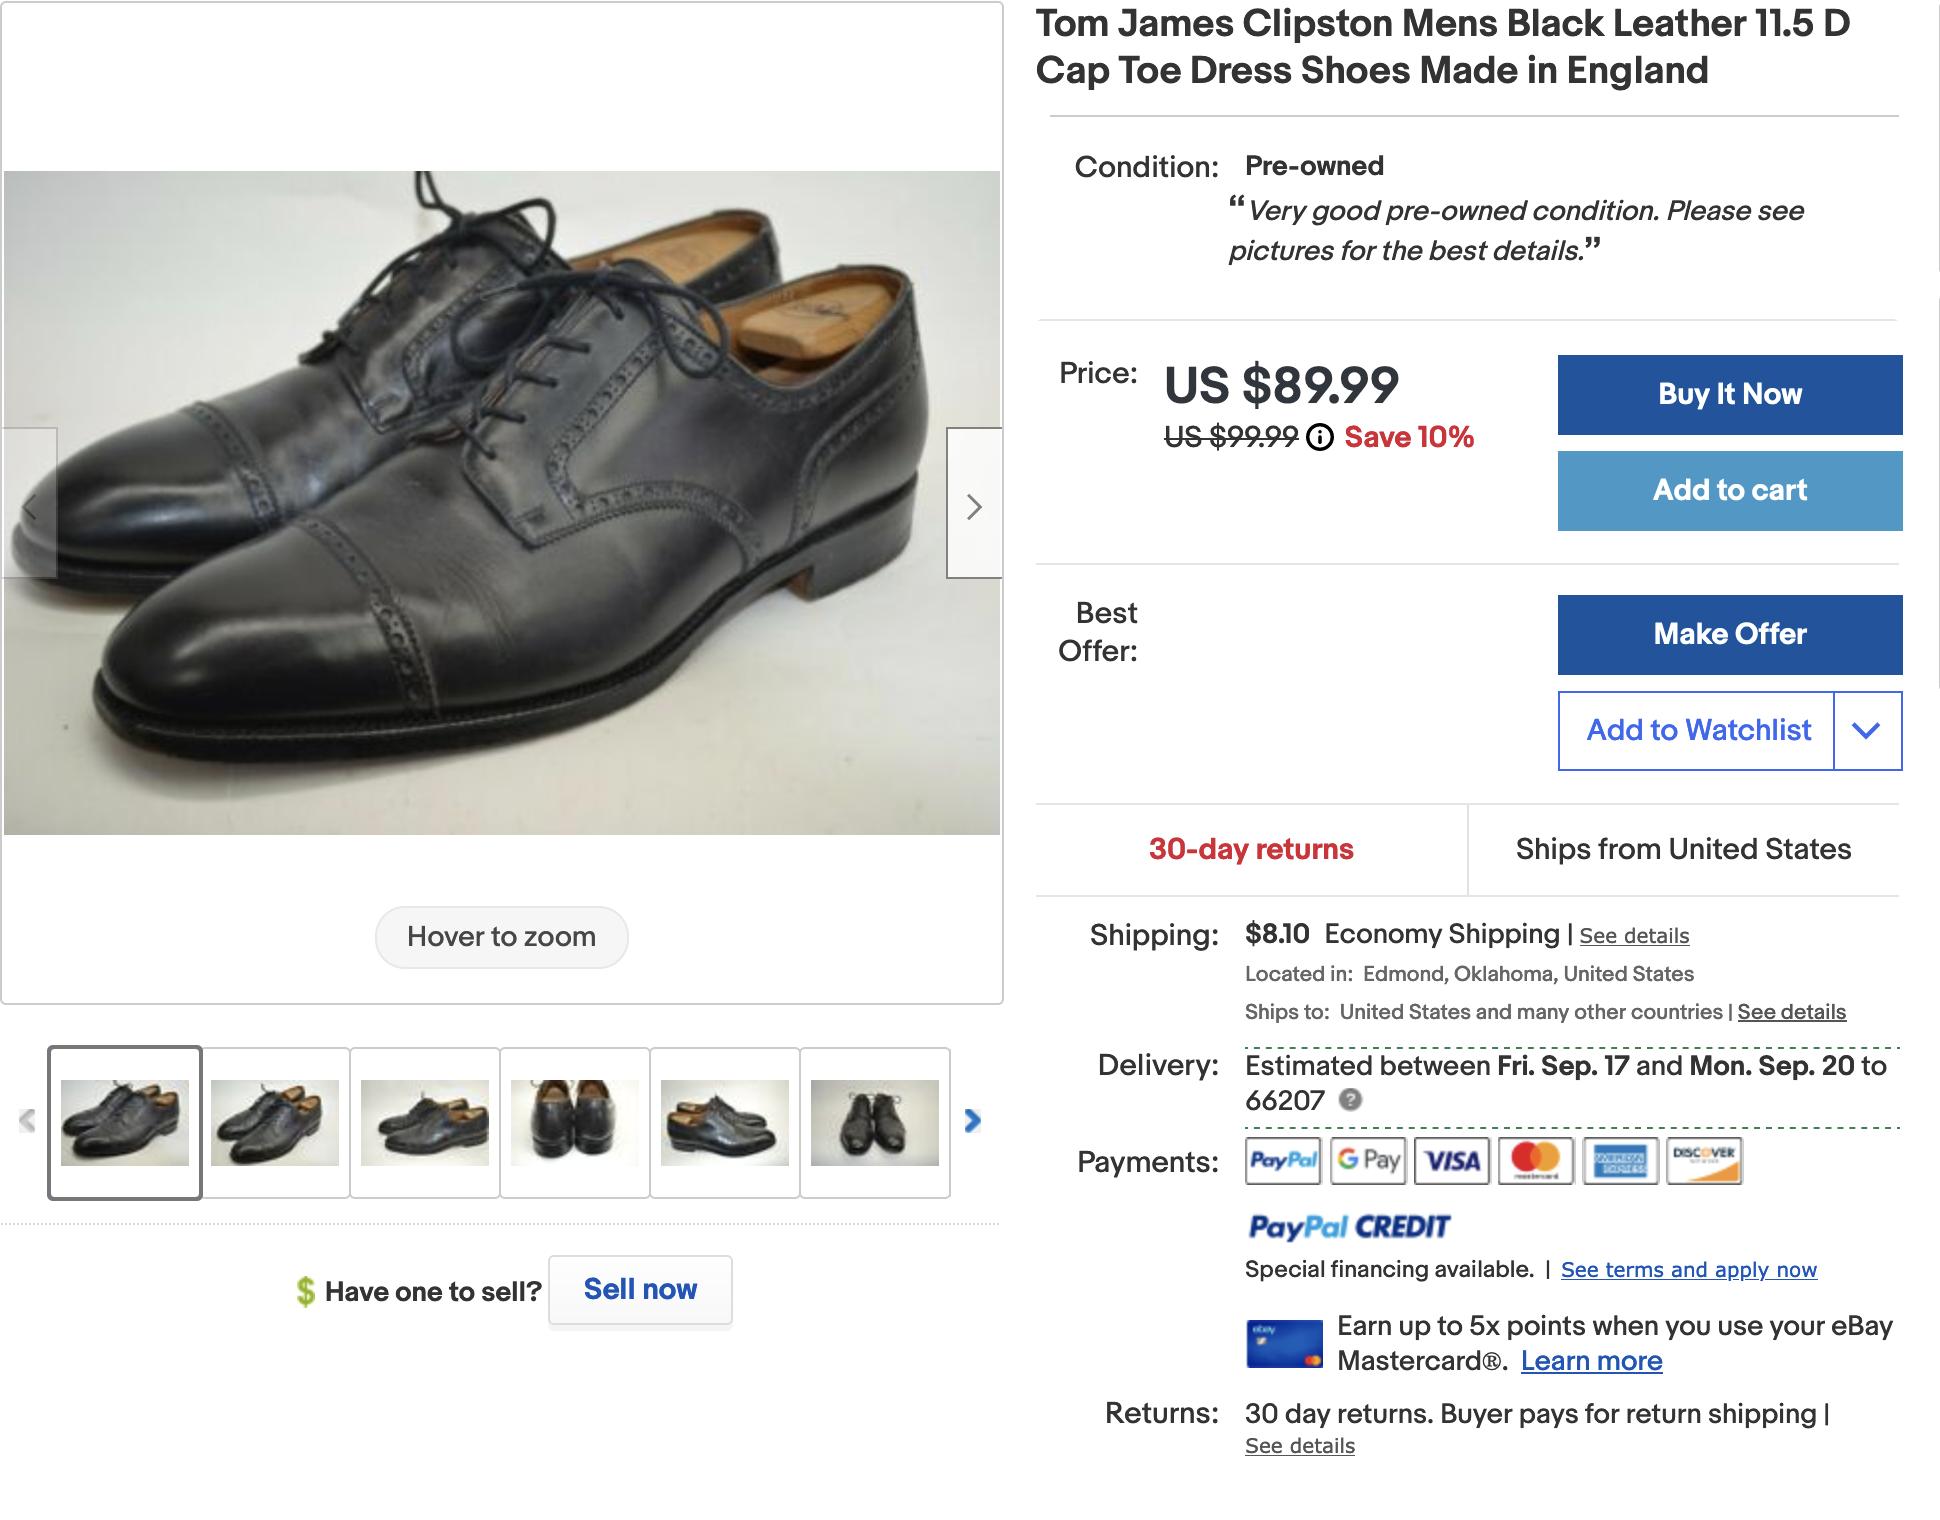 """Les 3 modèles proviennent tous de Crockett & Jones <a href=""""https://ebay.us/8MG1cI""""> Lien vers l'annonce Ebay</a>  (Source: Ebay)"""